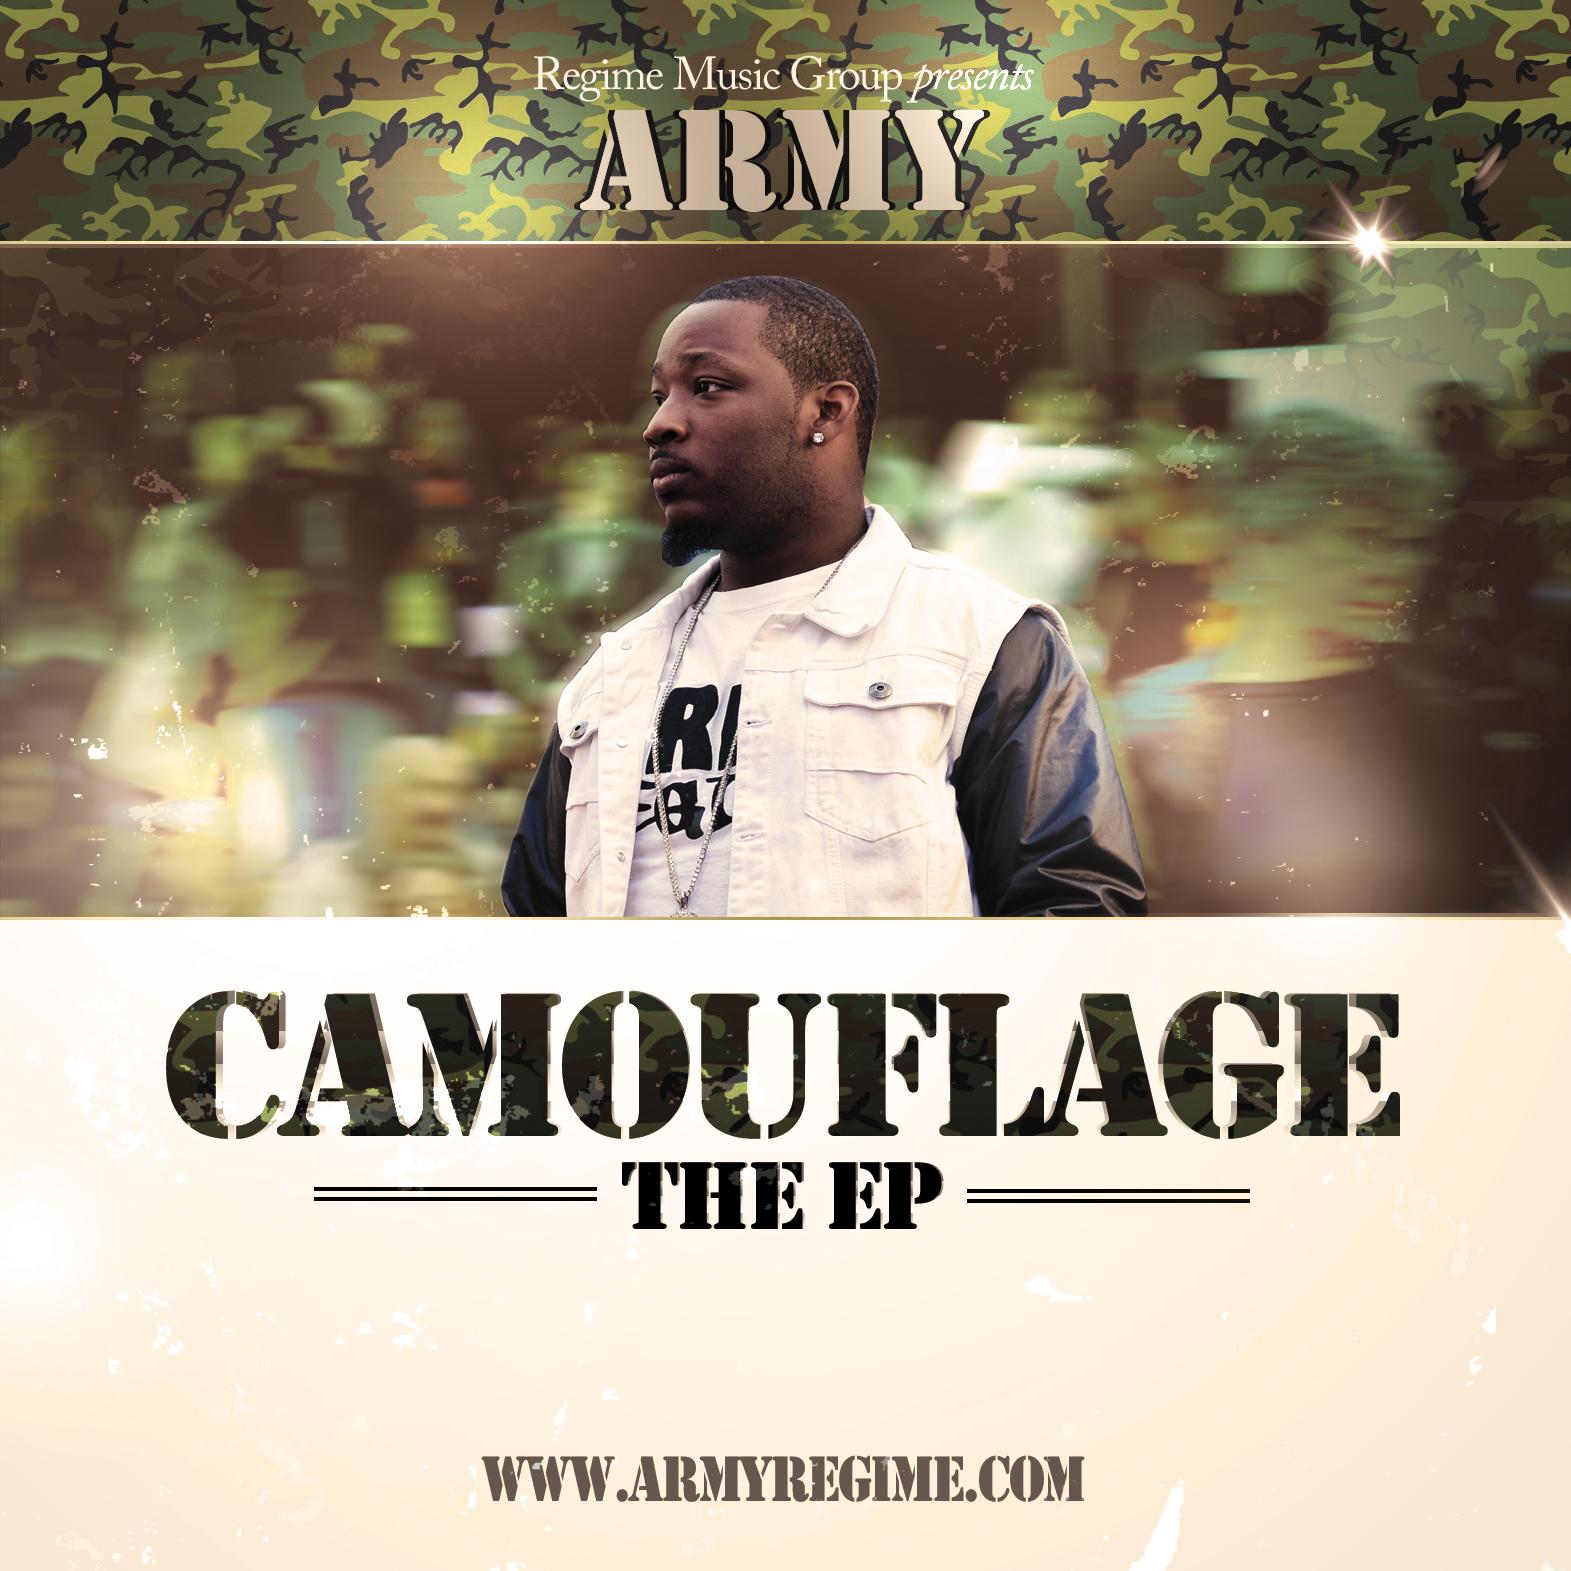 AR_Camouflage.jpg